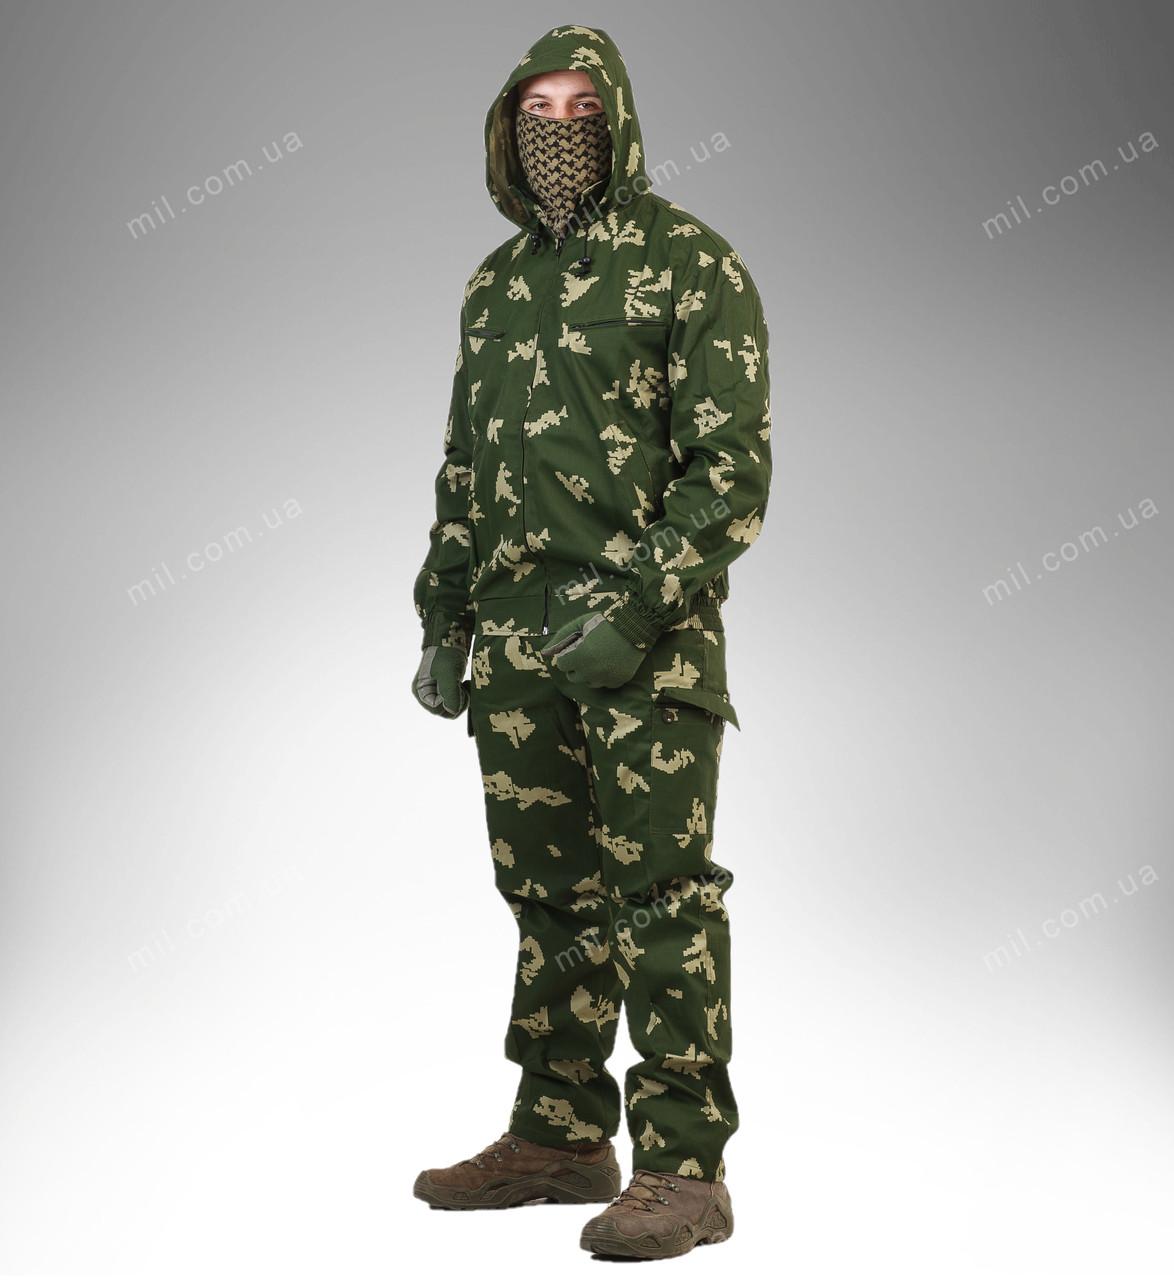 Летний камуфляжный костюм для охоты и рыбалки ''Березка''